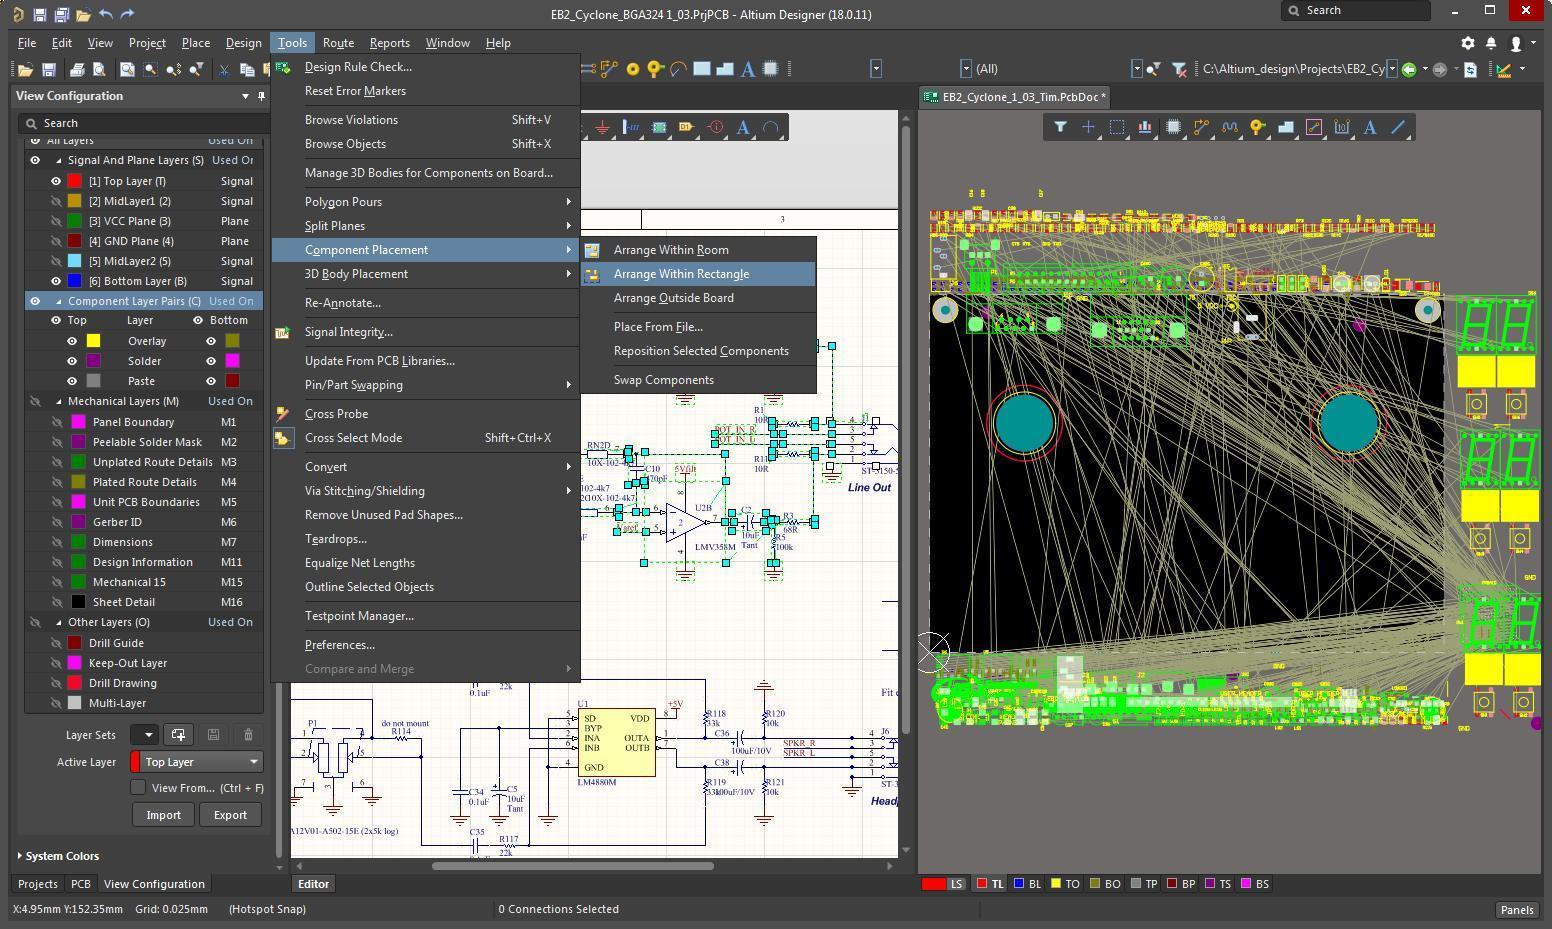 """Bildschirmfoto in AD mit der ausgewählten Layout-Funktion """"Arrange Within Rectangle"""